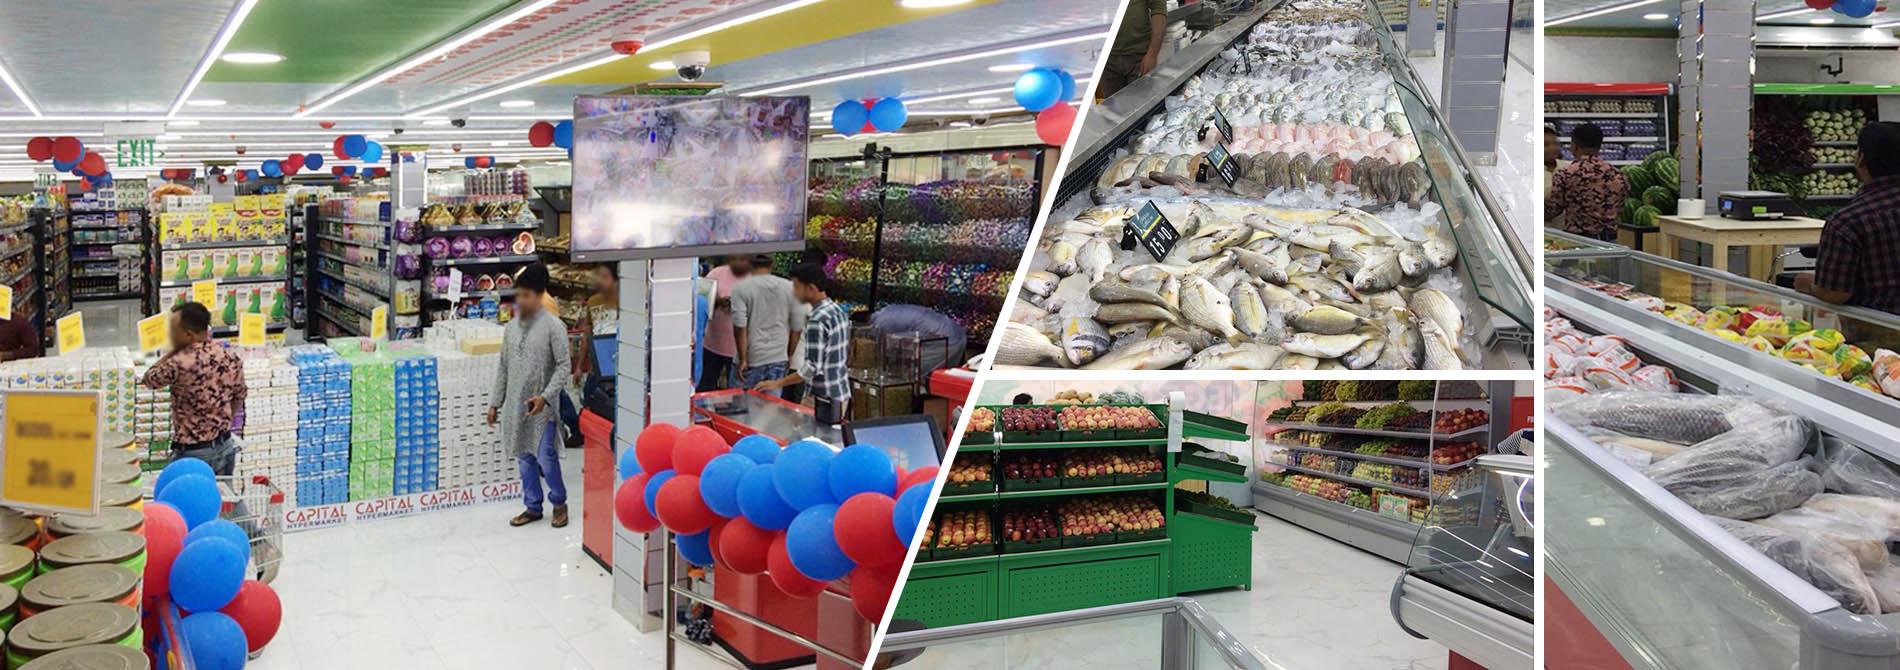 Supermarket 4